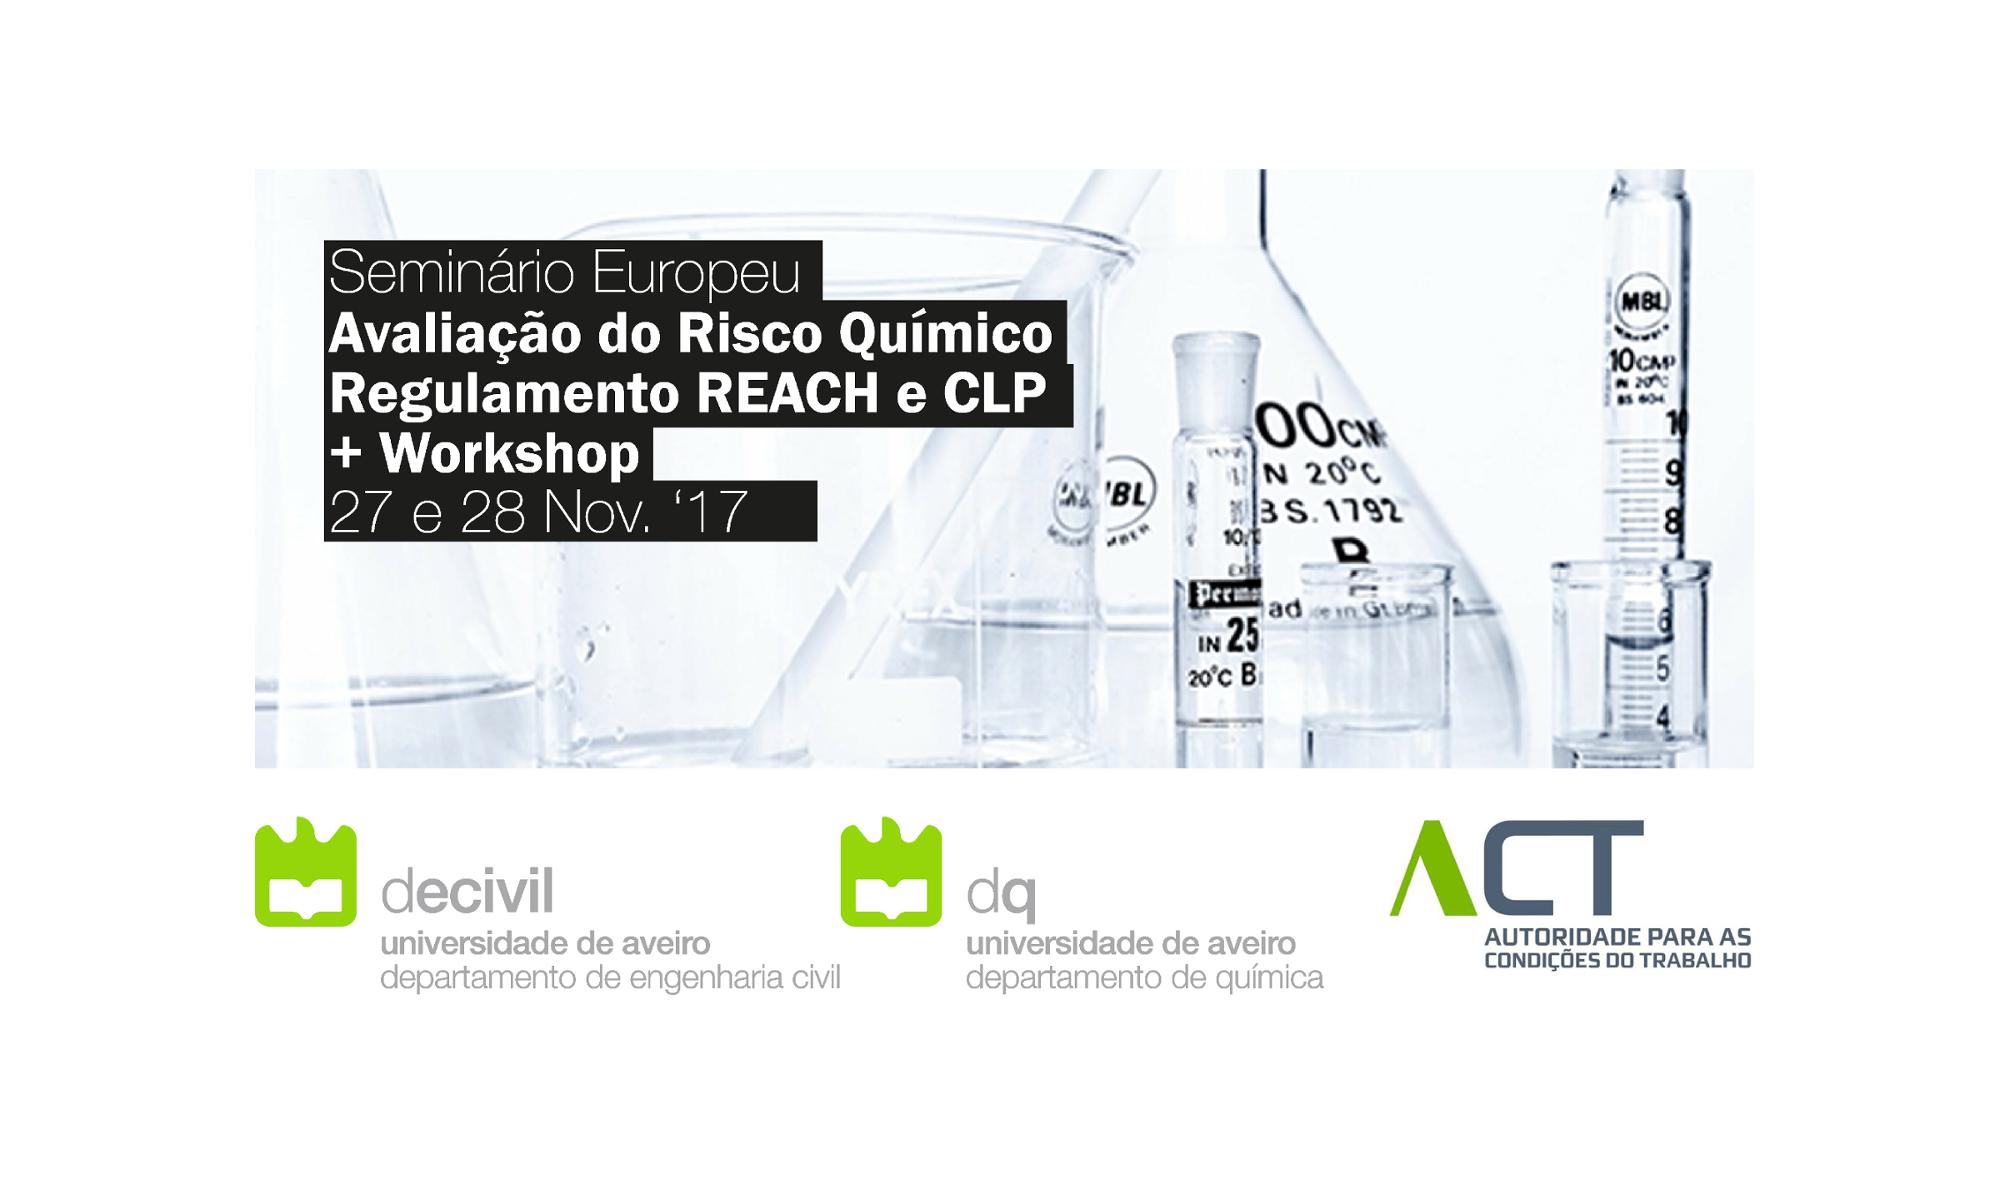 Seminário Avaliação do Risco Químico - Regulamento REACH e CLP